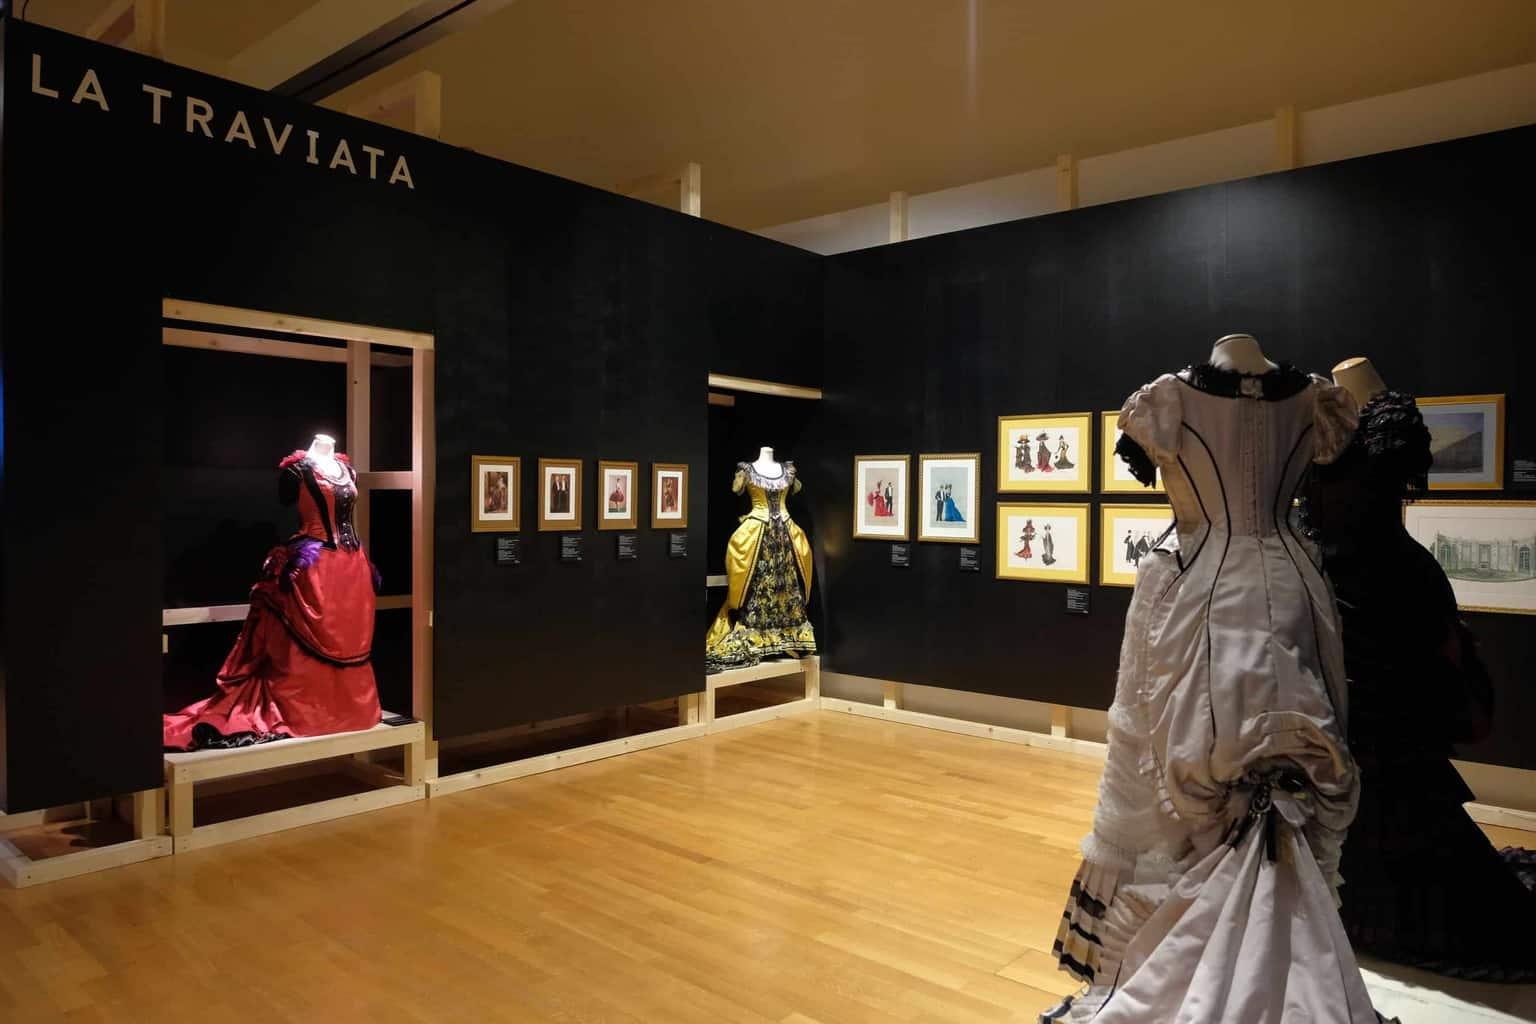 Mostra Waiting For The Opera - Opera Lirica Arena di Verona - Palazzo della Gran Guardia - Festival Areniano 2019